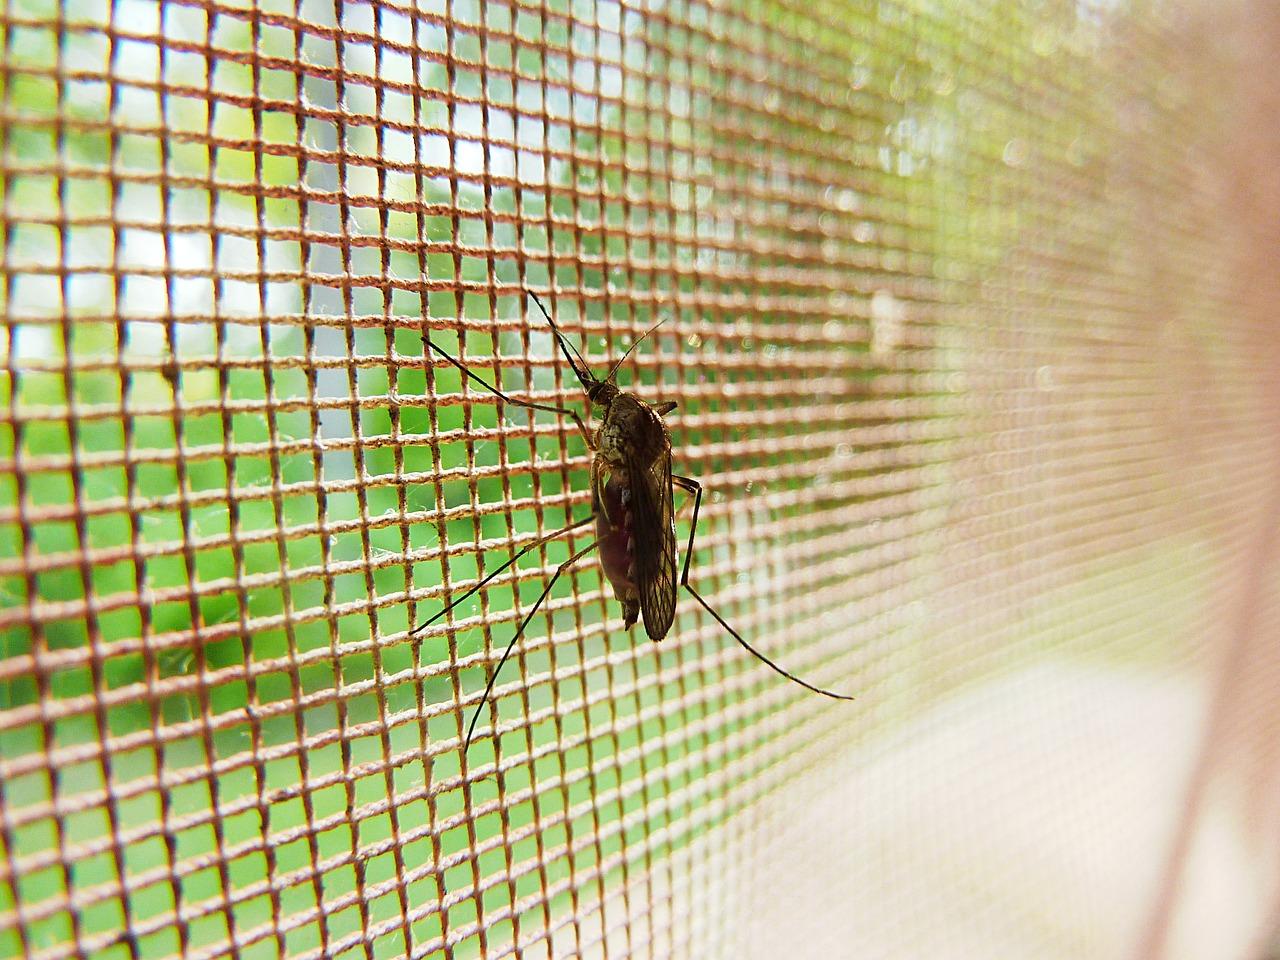 מתכוננים לקיץ: רשת נגד יתושים